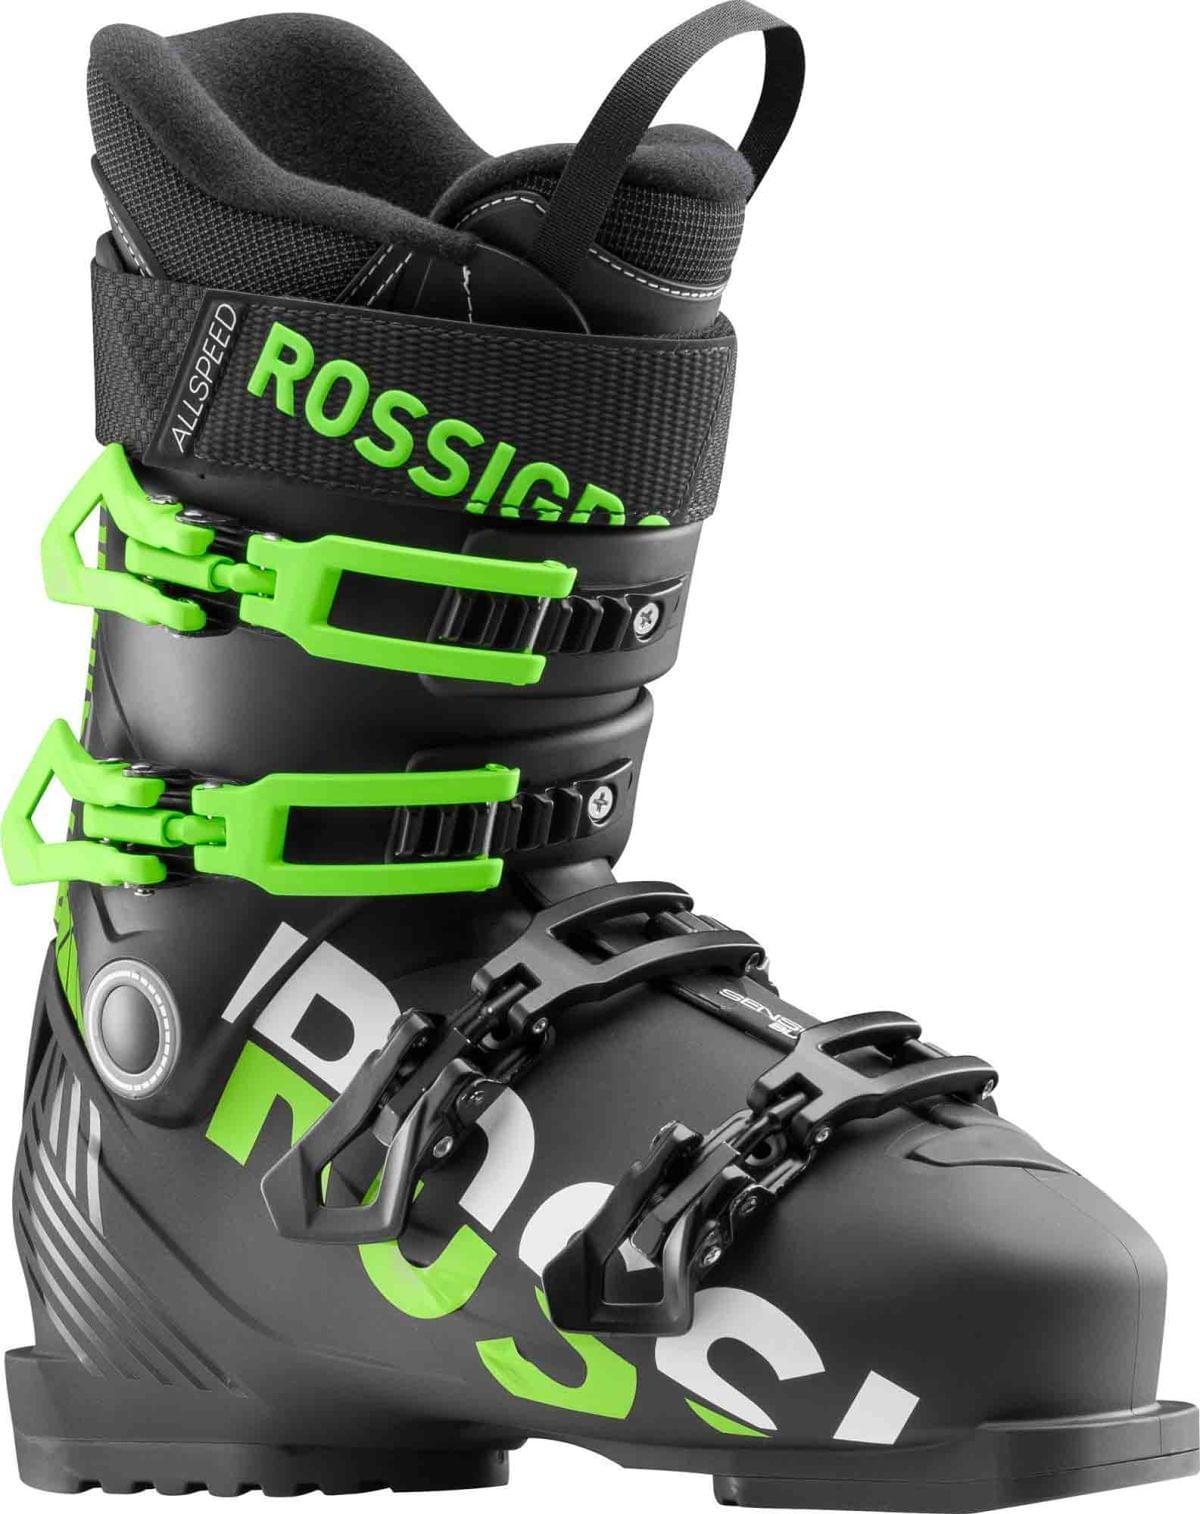 Rossignol Allspeed JR 70 black 255